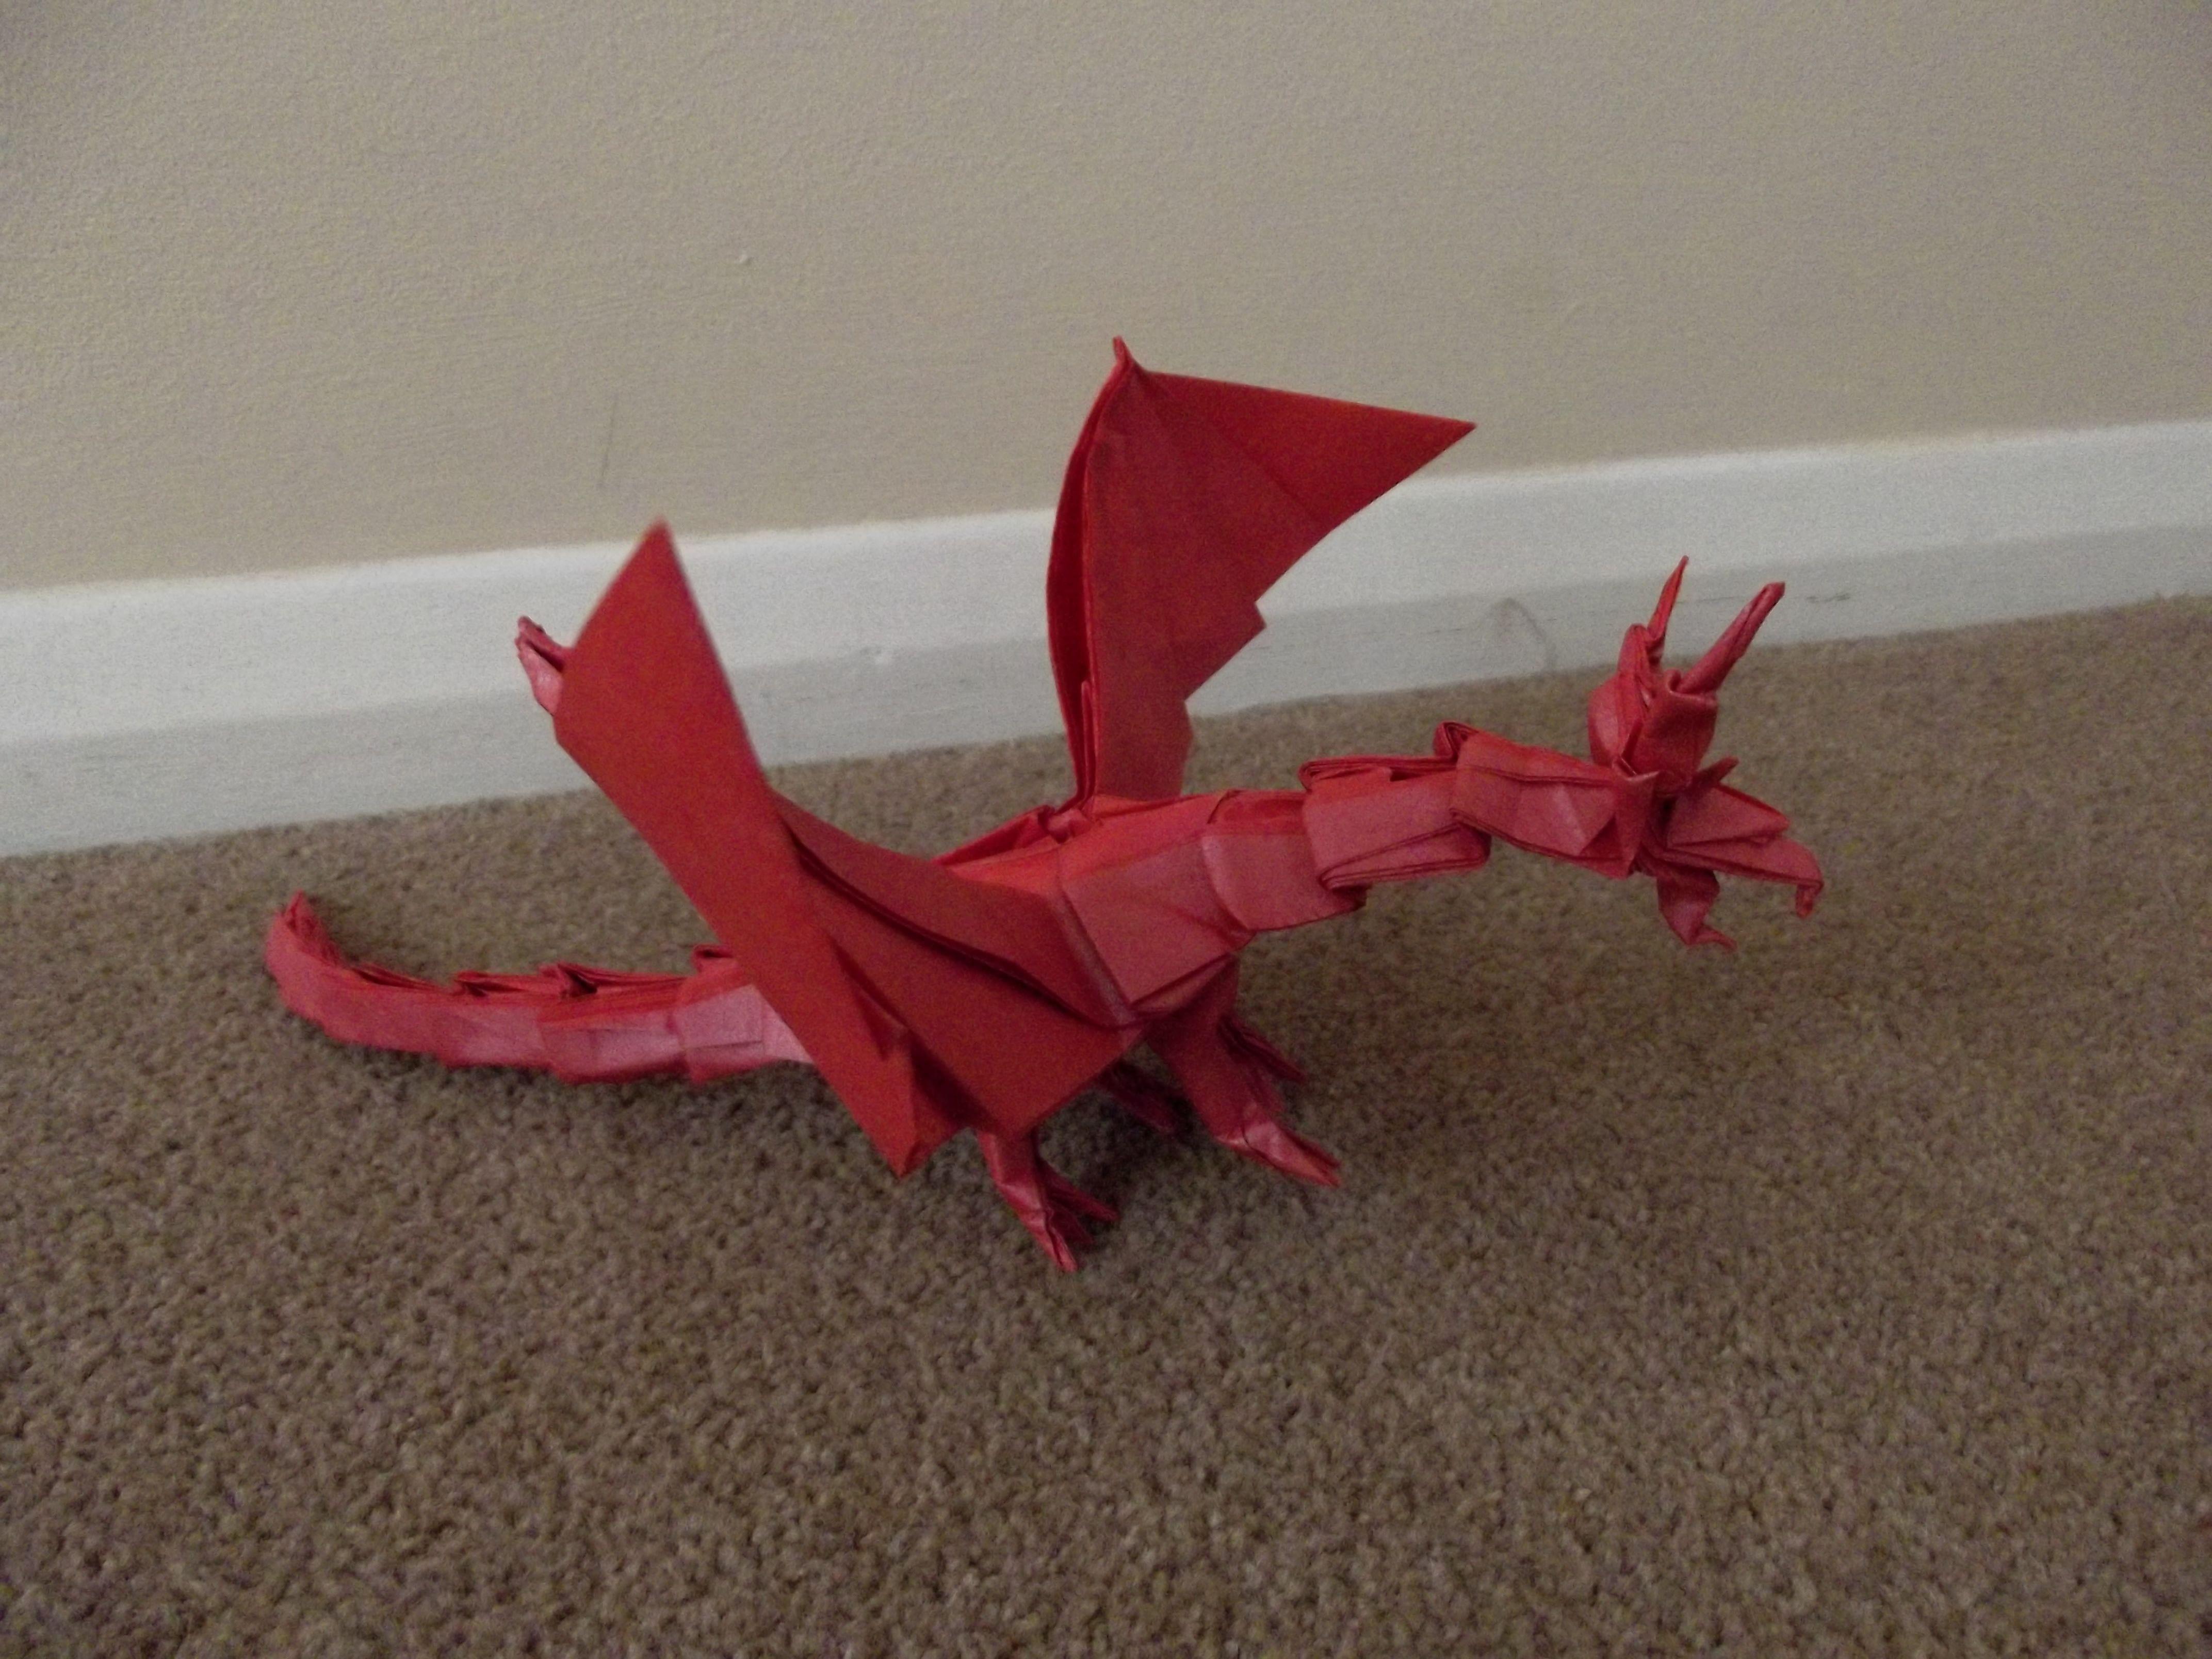 Dragon Decor Outdoor Decor Origami